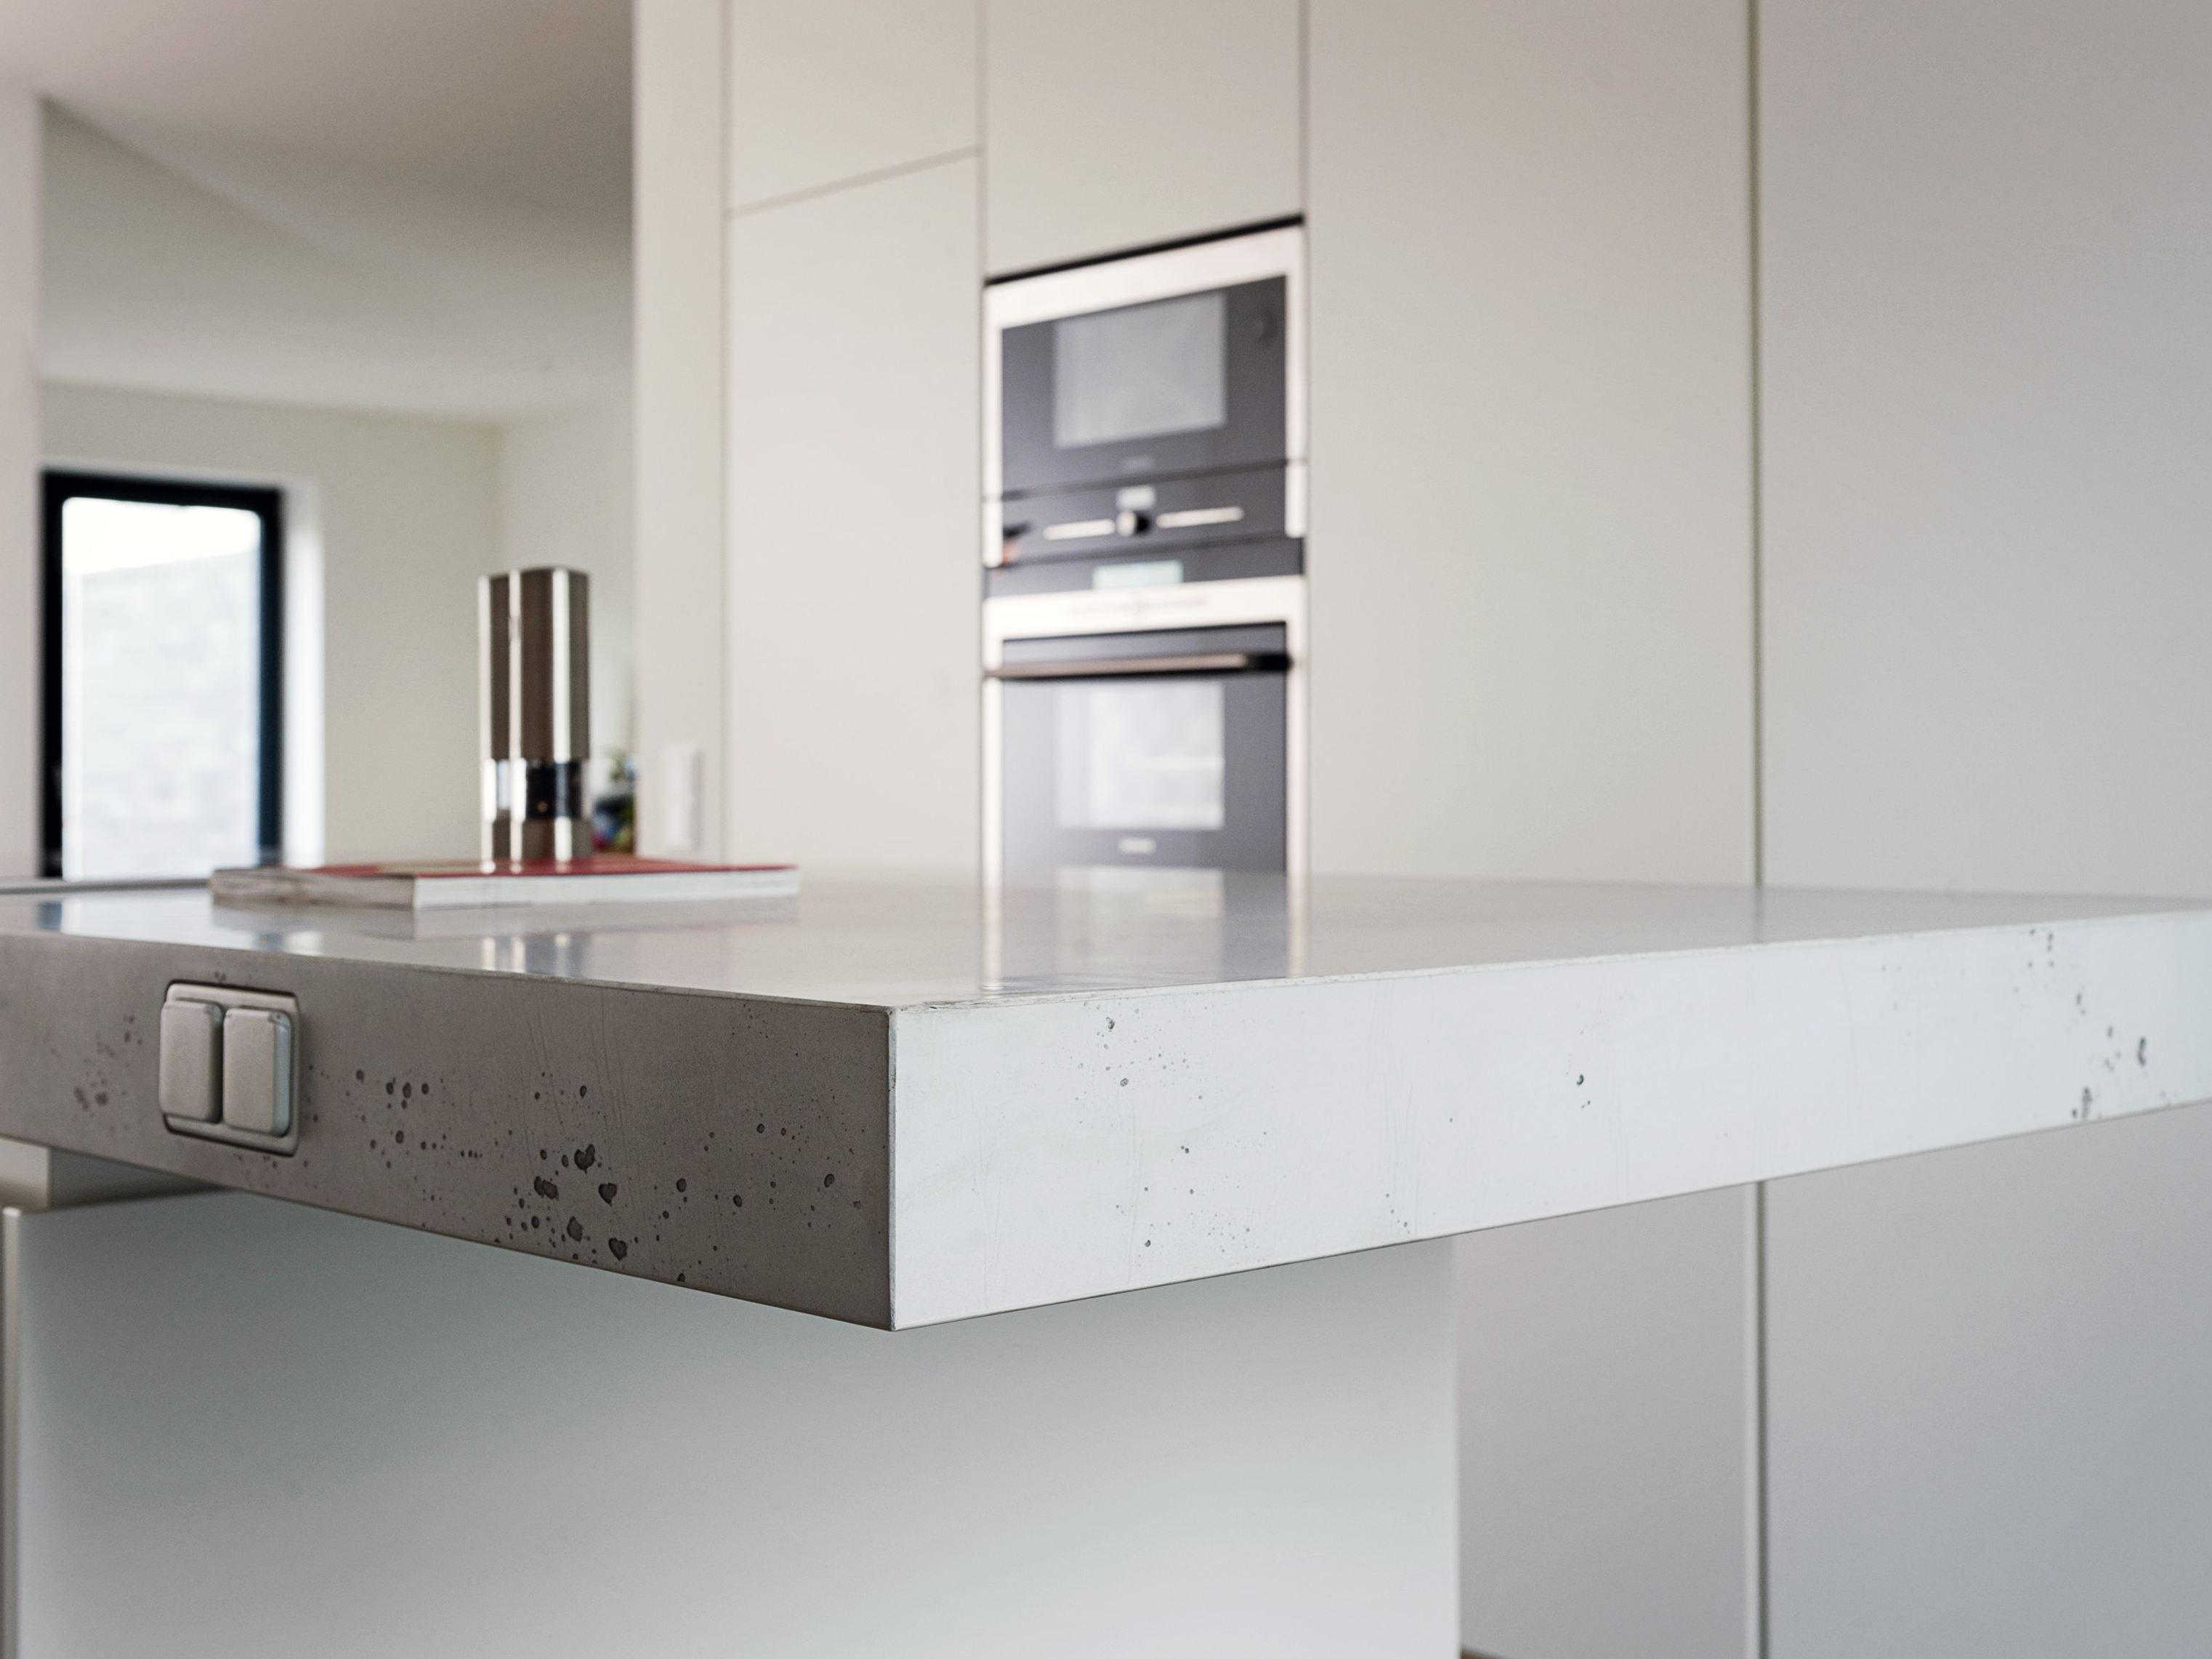 Piani cucina quale materiale scegliere rinnoviamo casa - Materiale top cucina ...